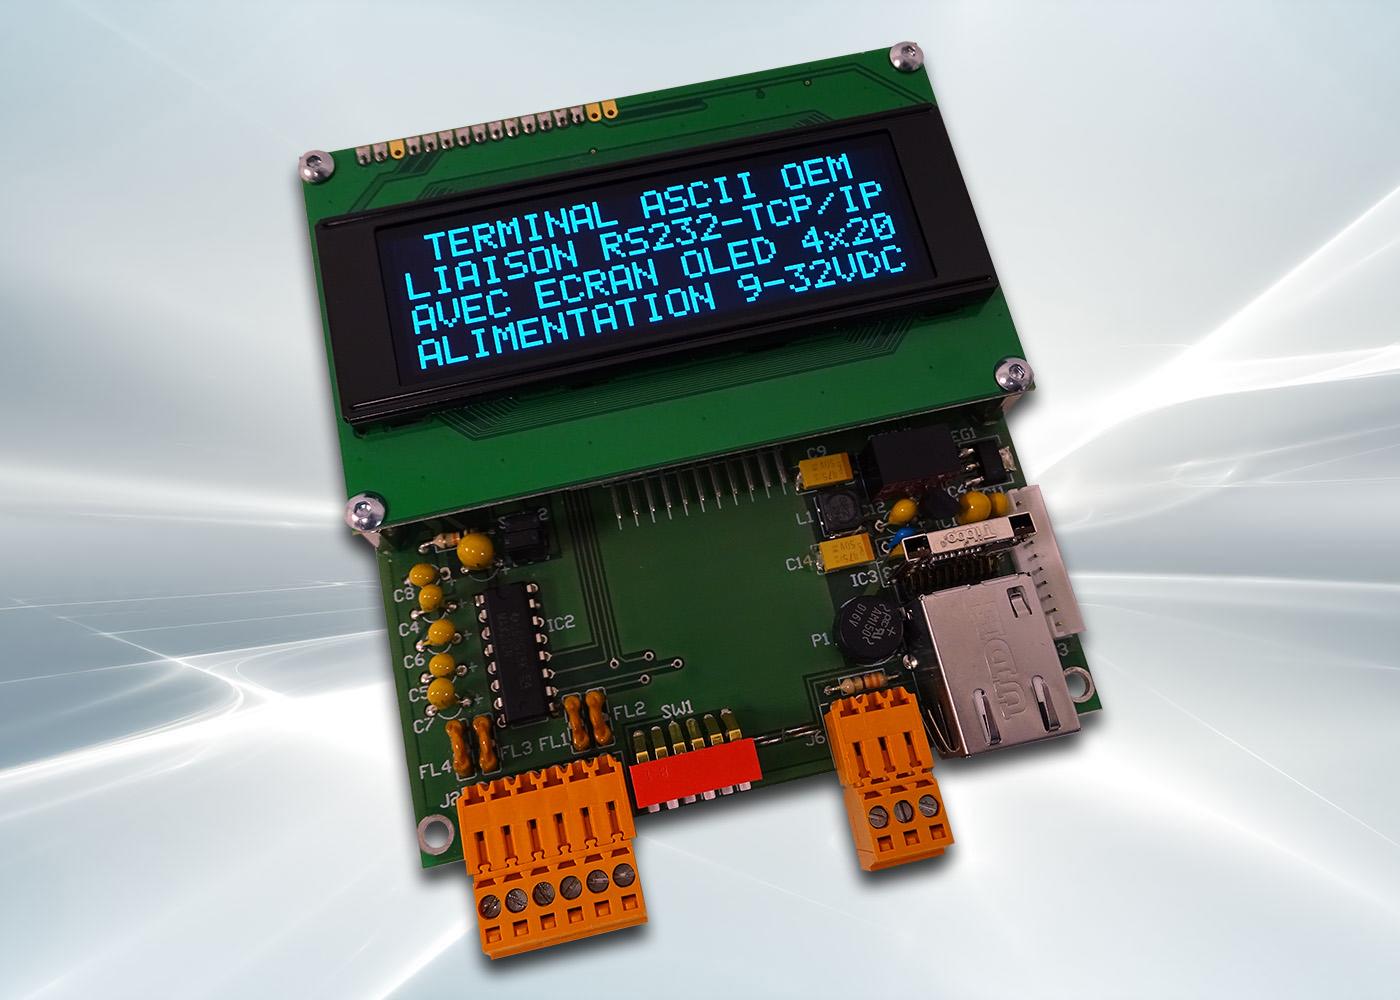 Terminal ASCII OEM RS232 / Ethernet avec afficheur OLED et gestion de 8 touches et 4 LEDs – Afficheur OLED bleu